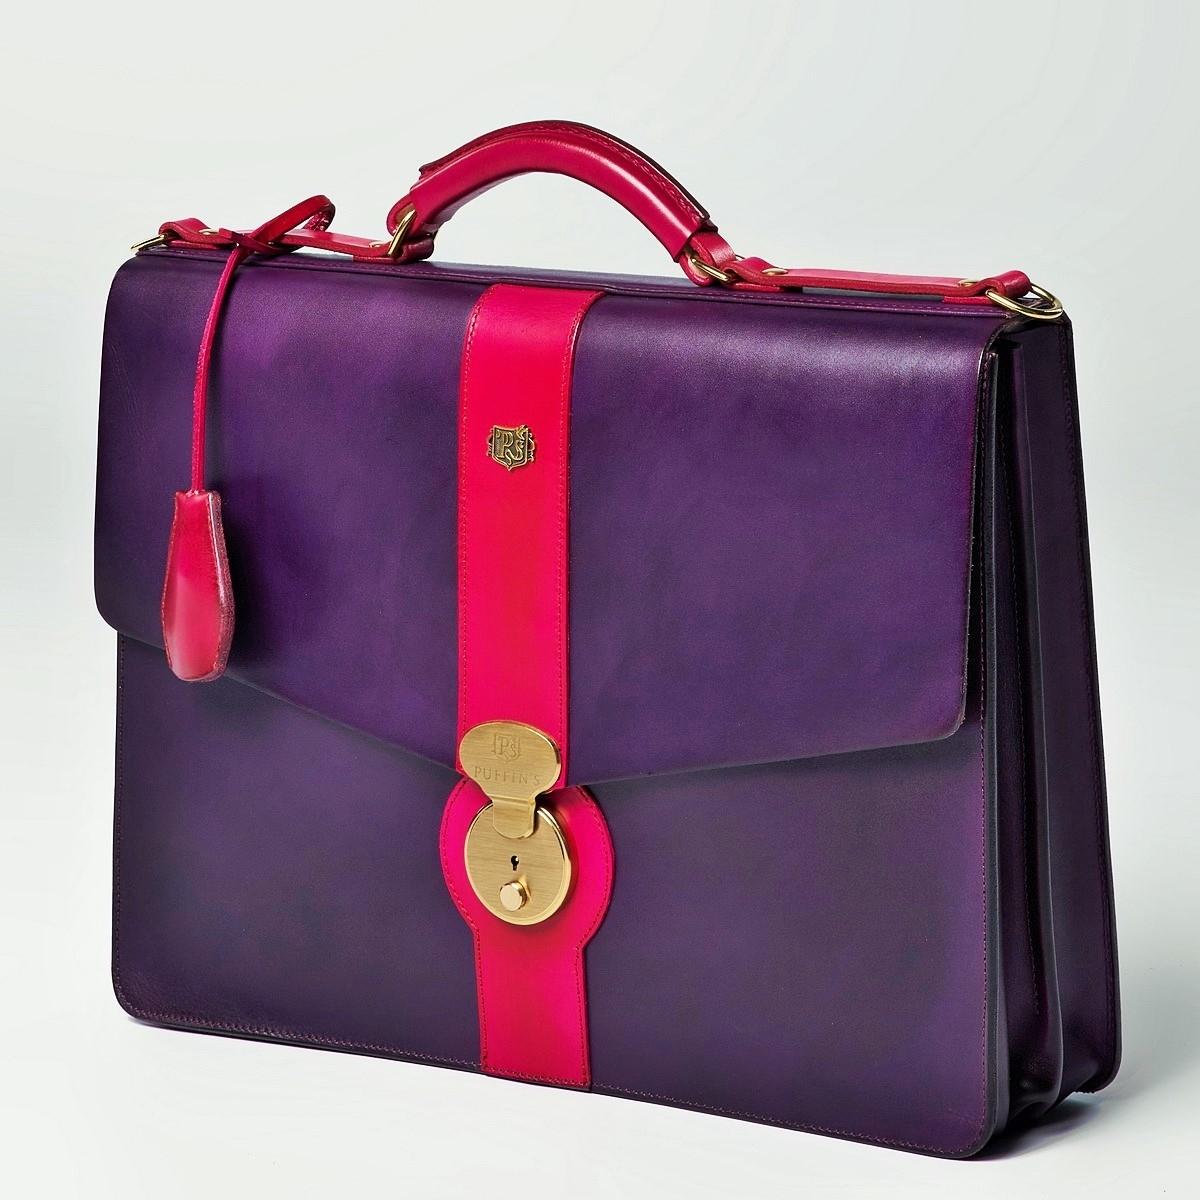 Портфель CLASSIC NUMBER ONE пурпурный & чернильный